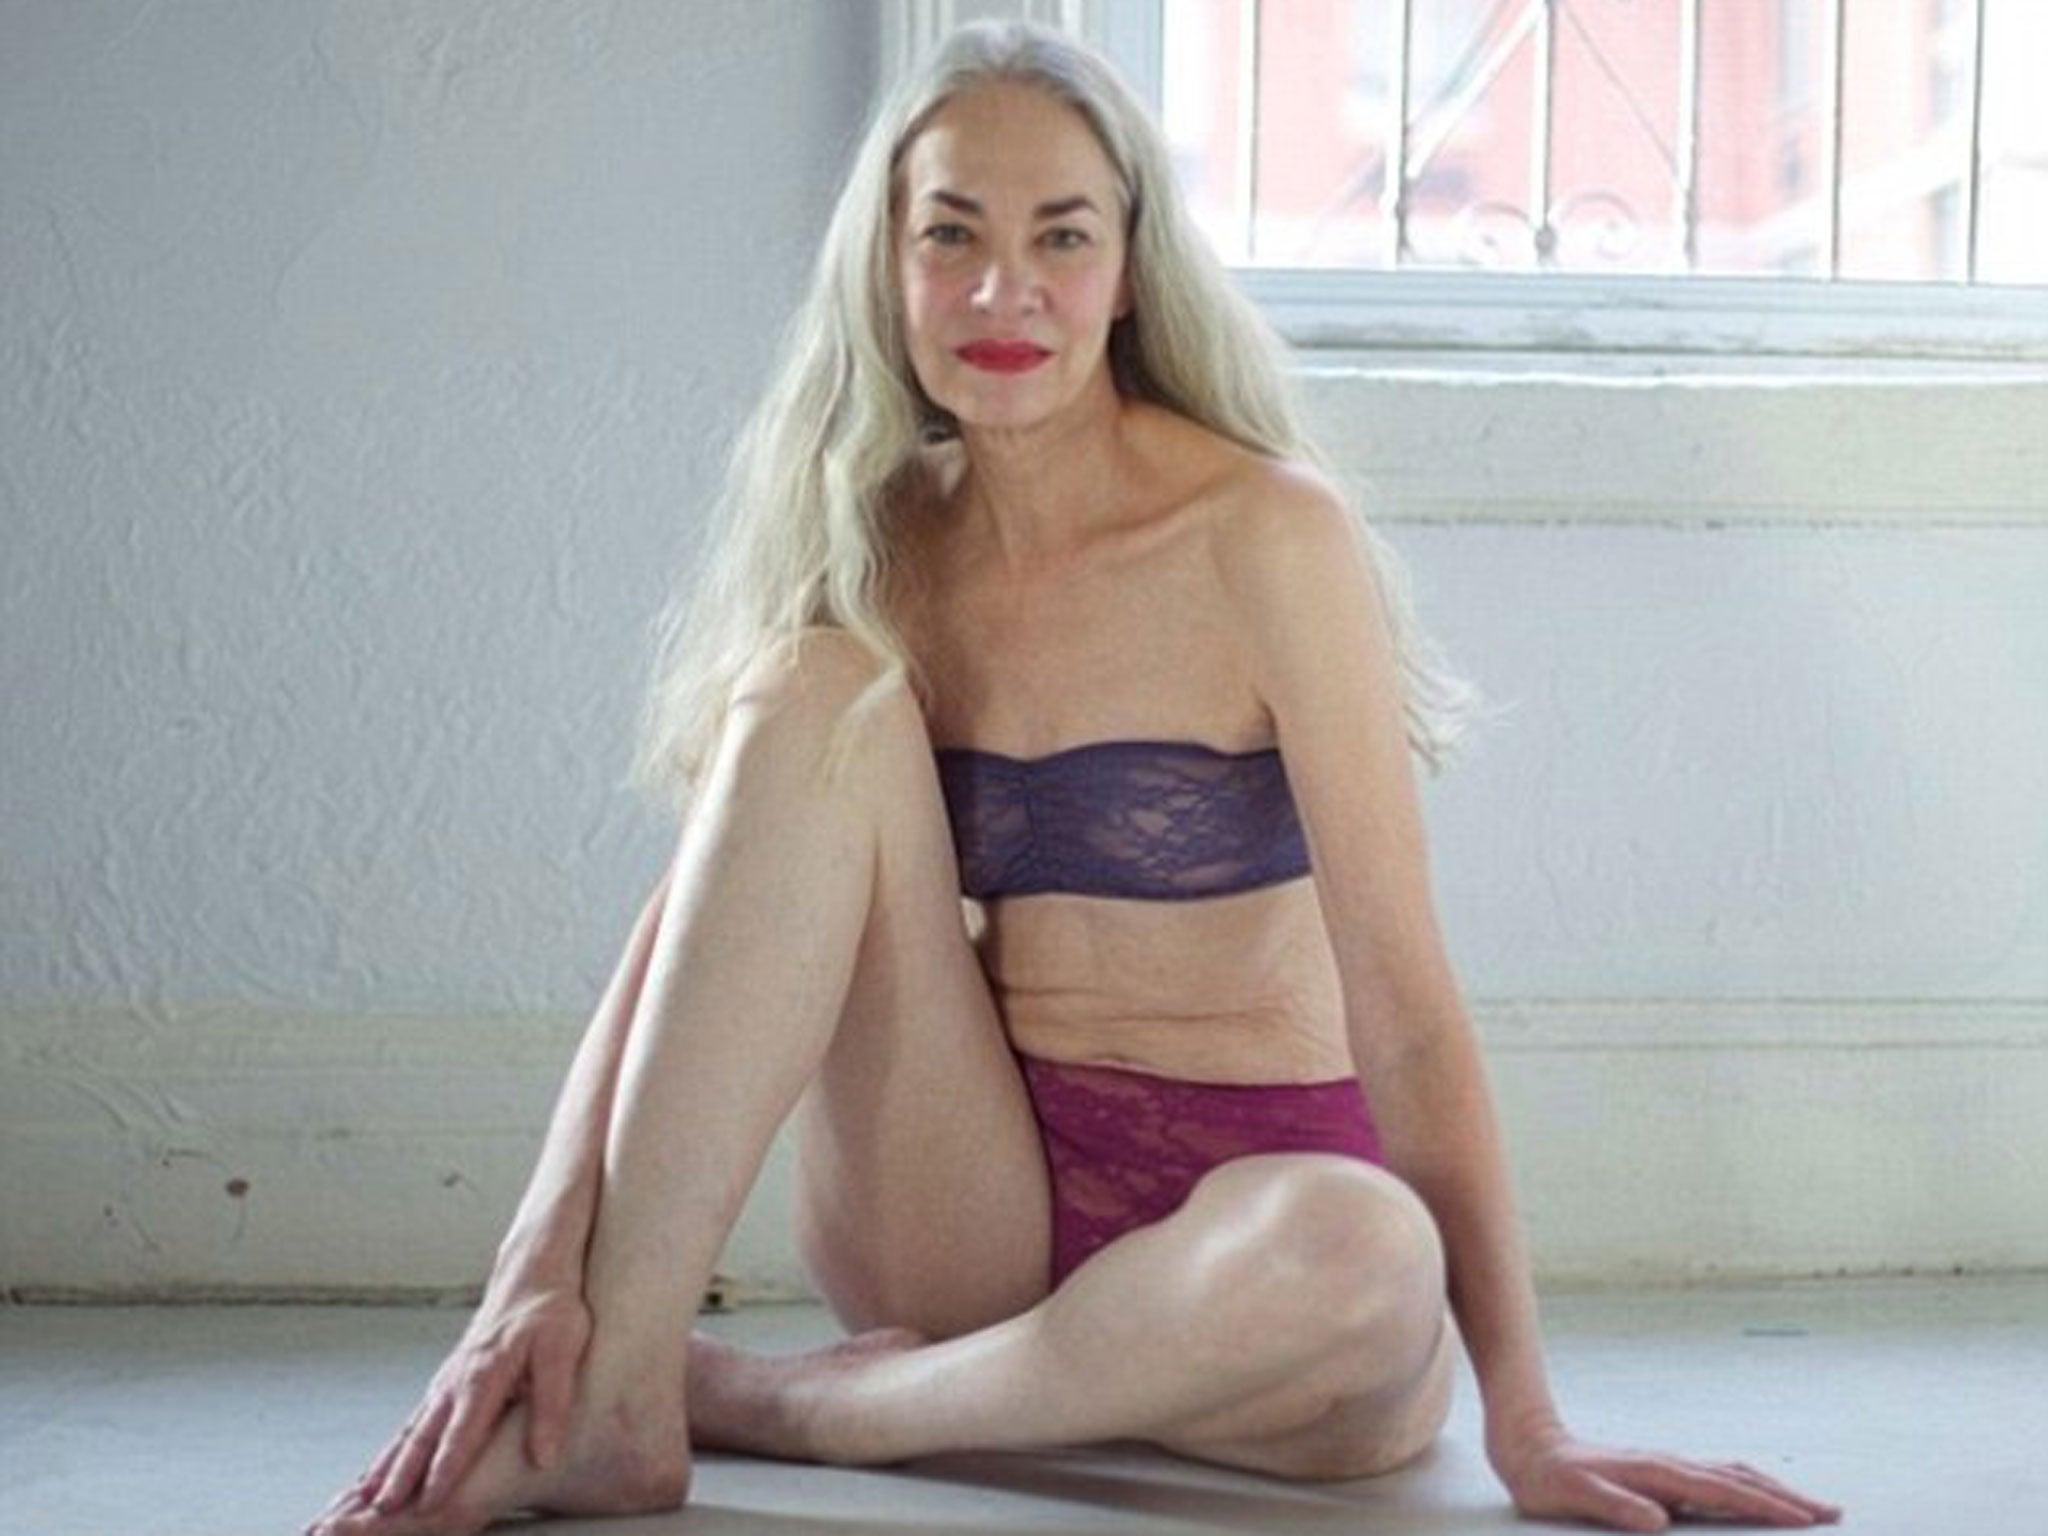 Фотографии женщины полуэротические 21 фотография